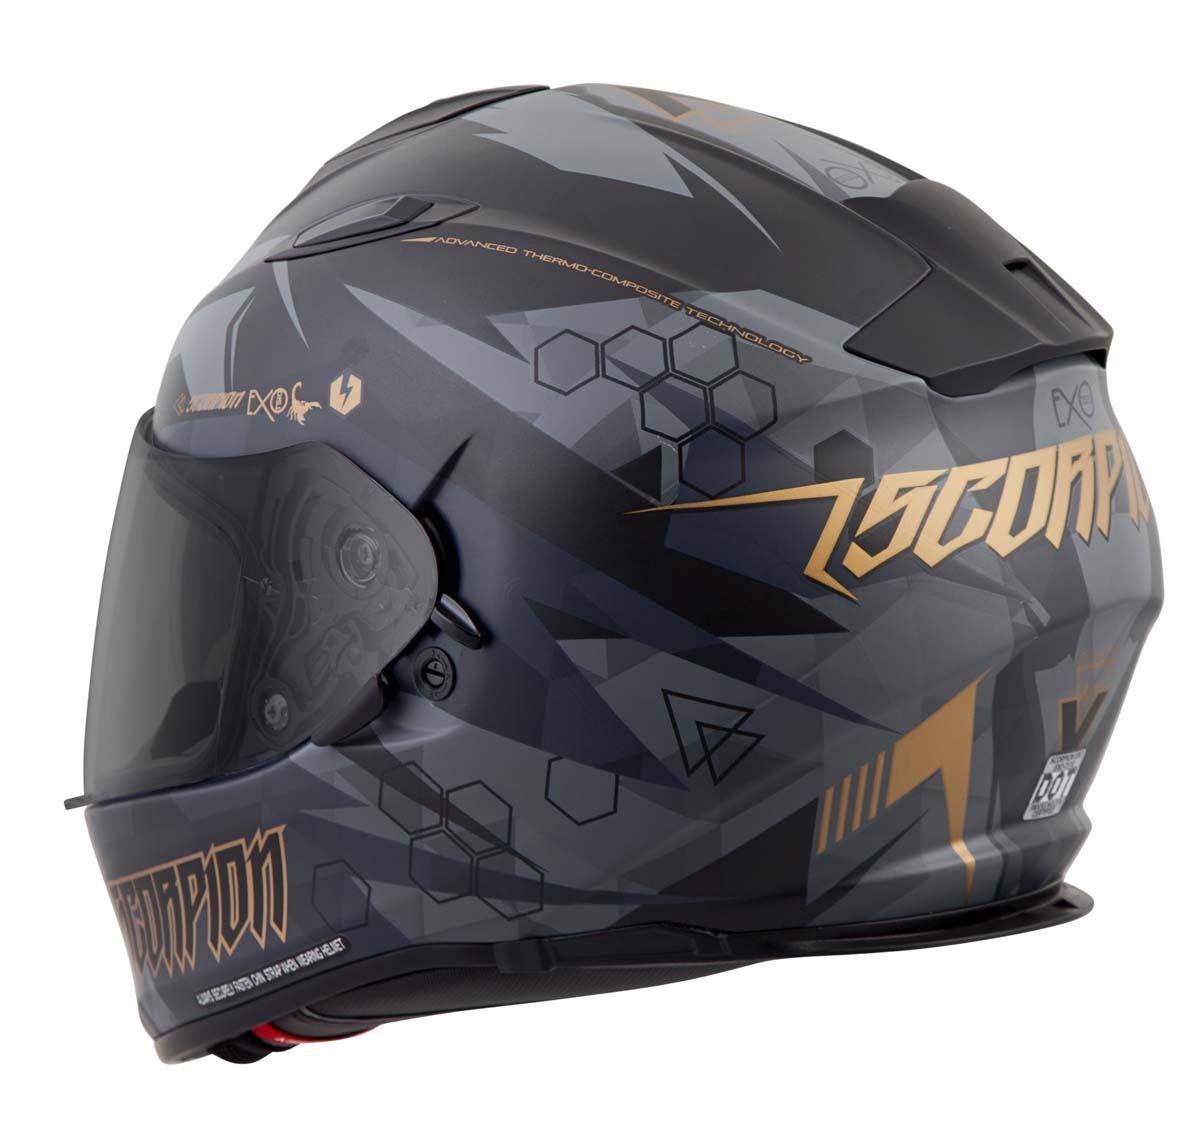 Scorpion-EXO-T510-Helmet-Full-Face-DOT-Approved-Inner-Sun-Shield miniature 46